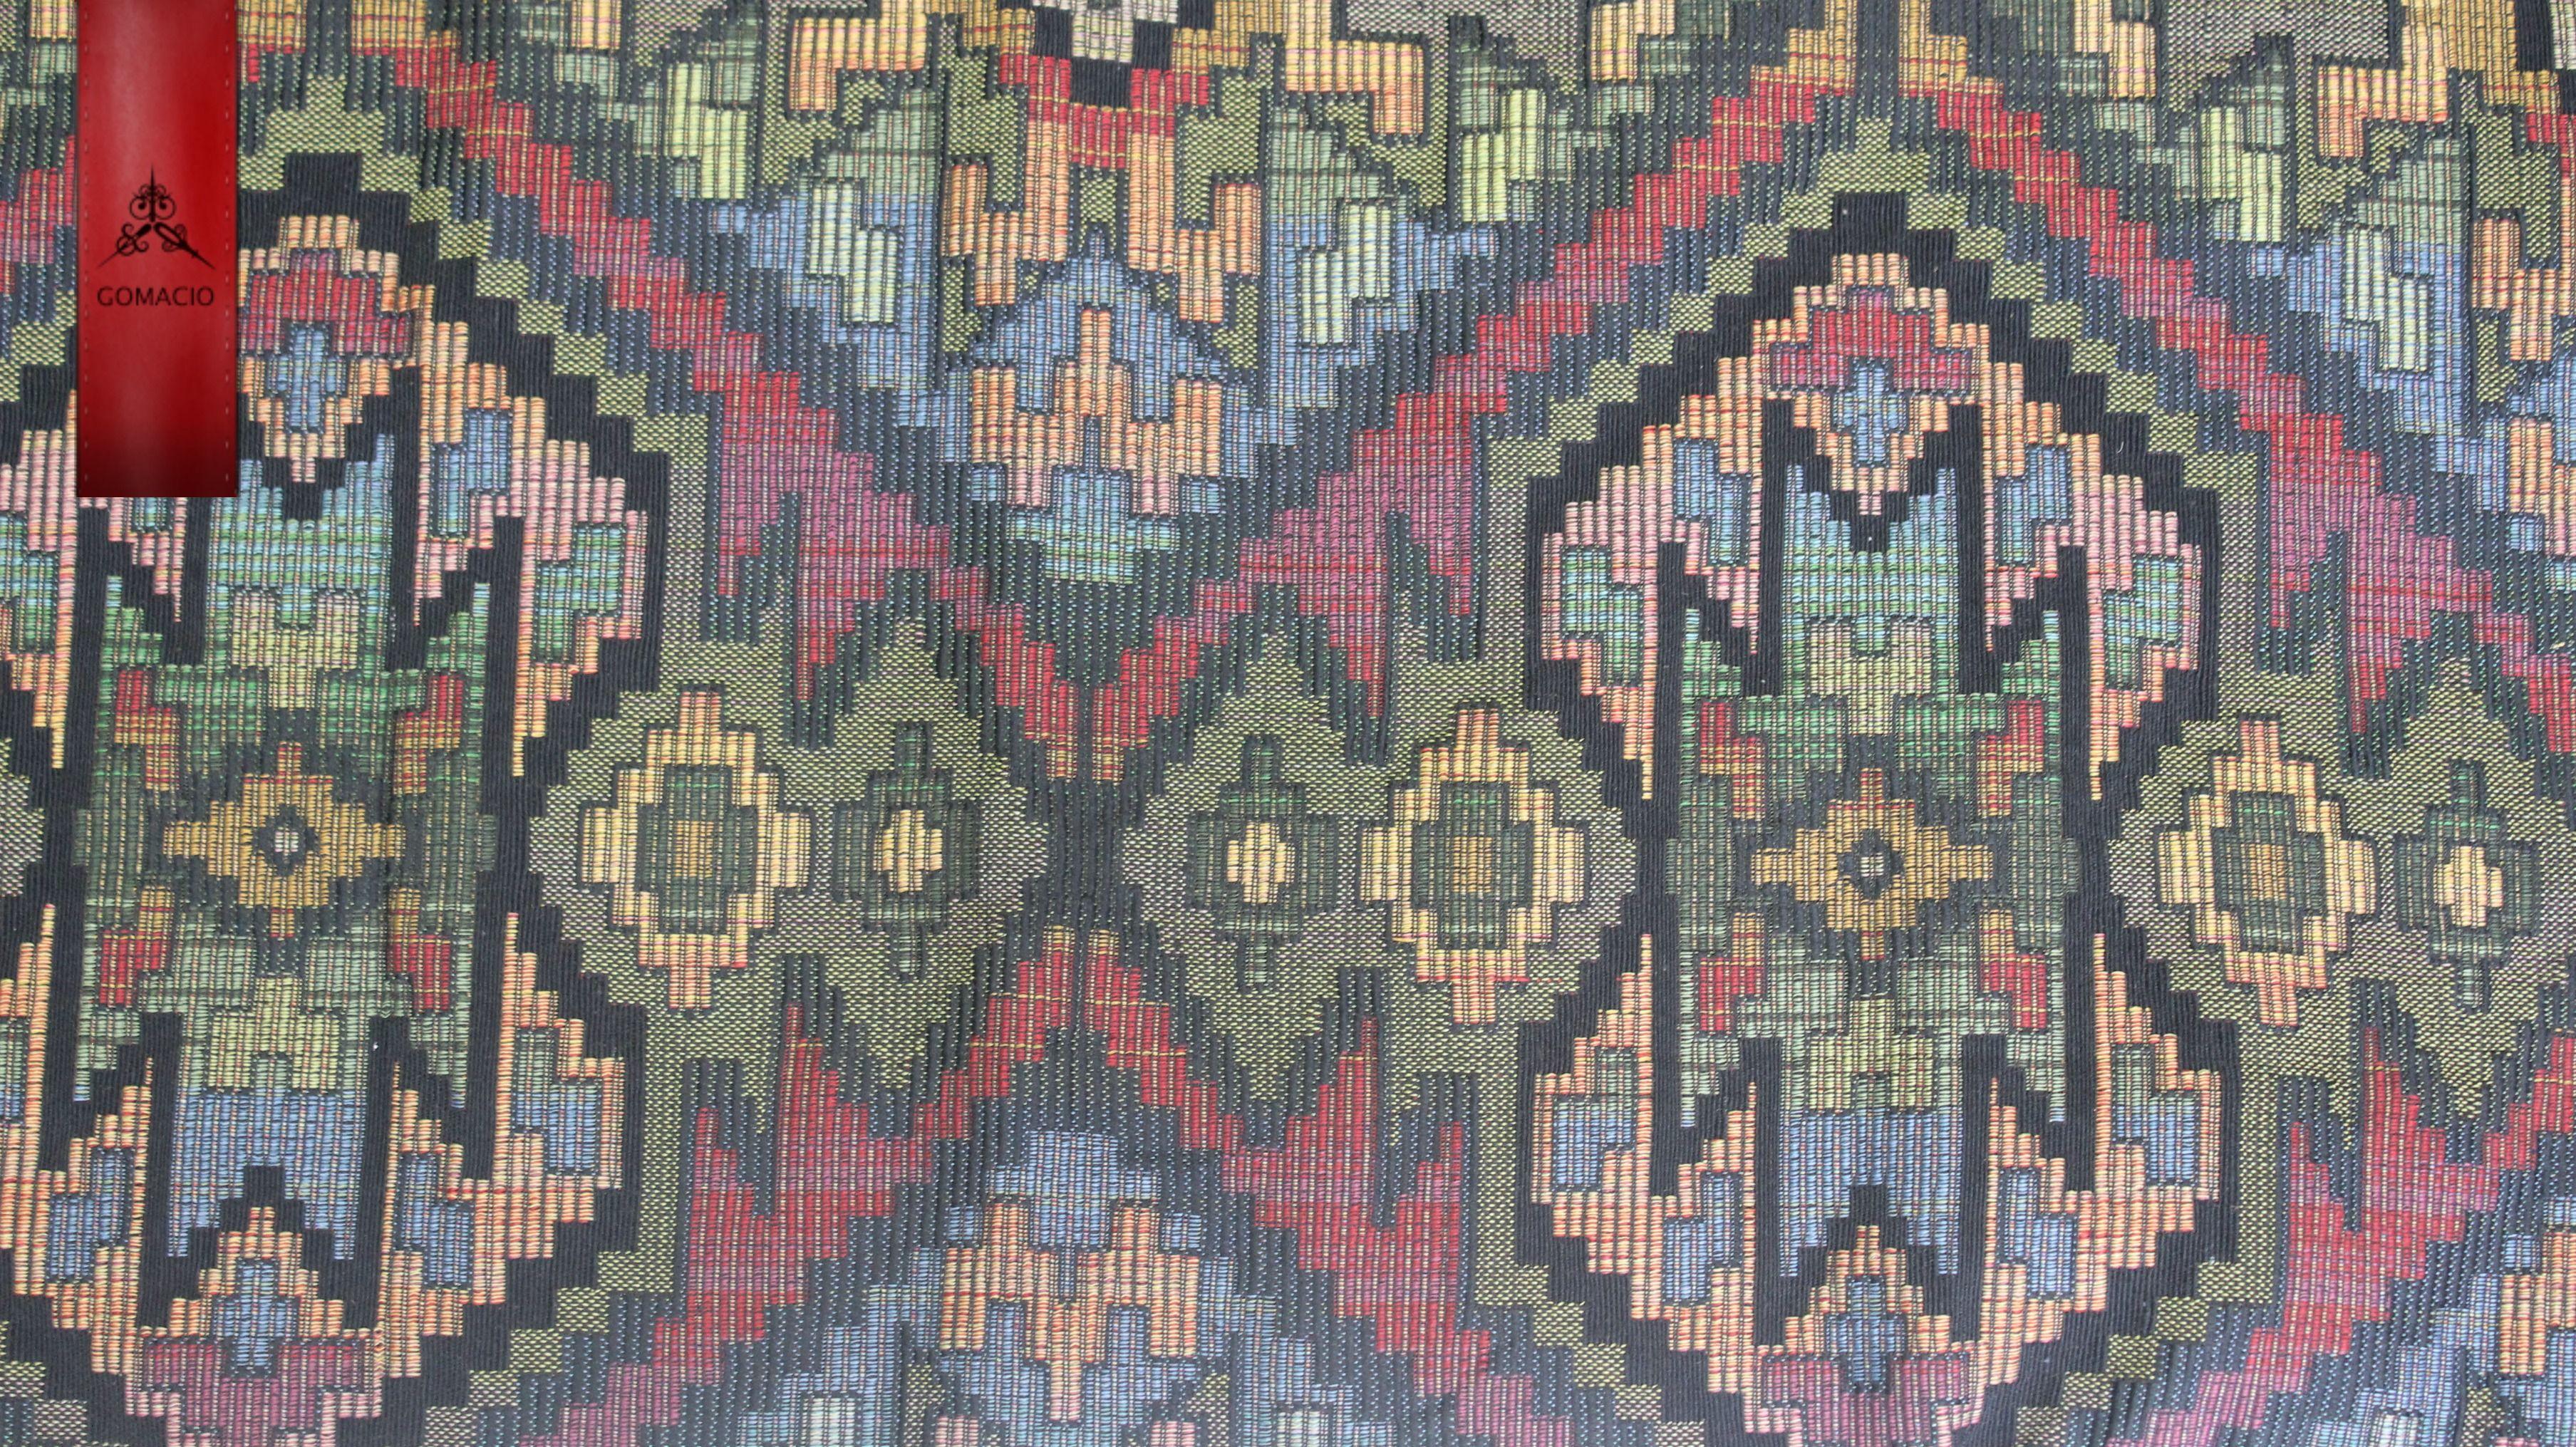 أقمشة الجاكار للكنب يستخدم بشكل طولي أو بشكل أفقي الماركة شانيل السعر للمتر 18 دينار المخزون المتوفر 49 متر مدة الطلب خمسة أيام عم Bohemian Rug Rugs Decor